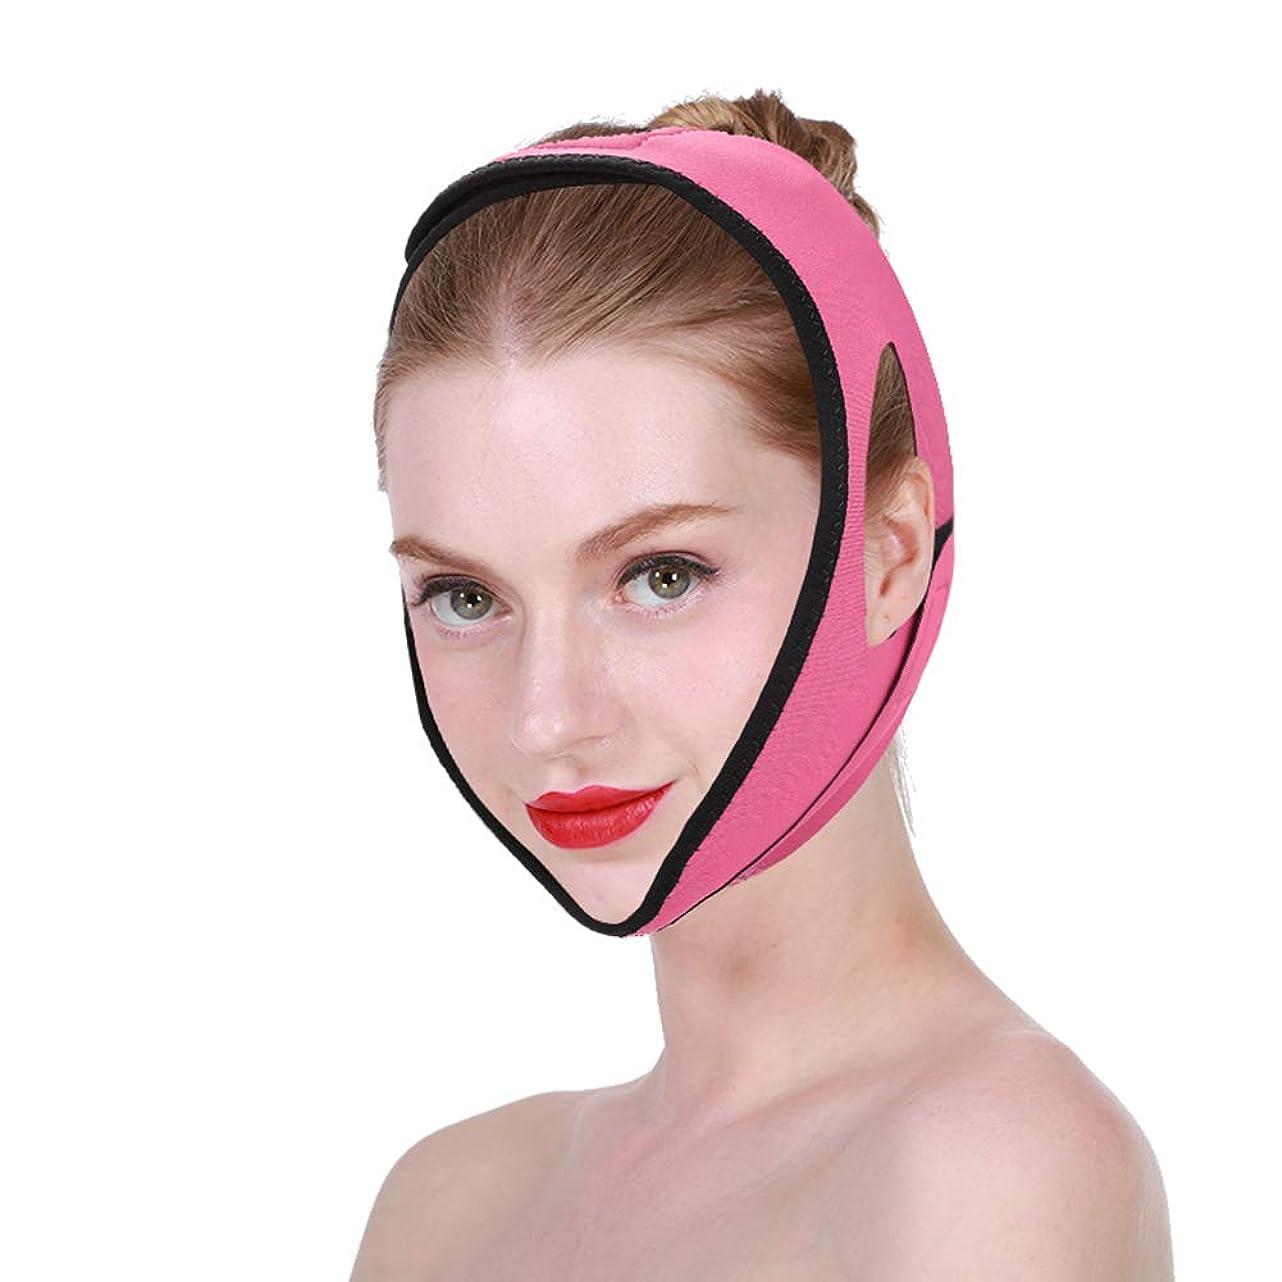 返還テニス噴水フェイシャルスリミングマスク、フェイスベルト 顔の包帯スリミングダブルチンVラインとフェイシャルケアファーミングスキン超薄型 クラインベルト